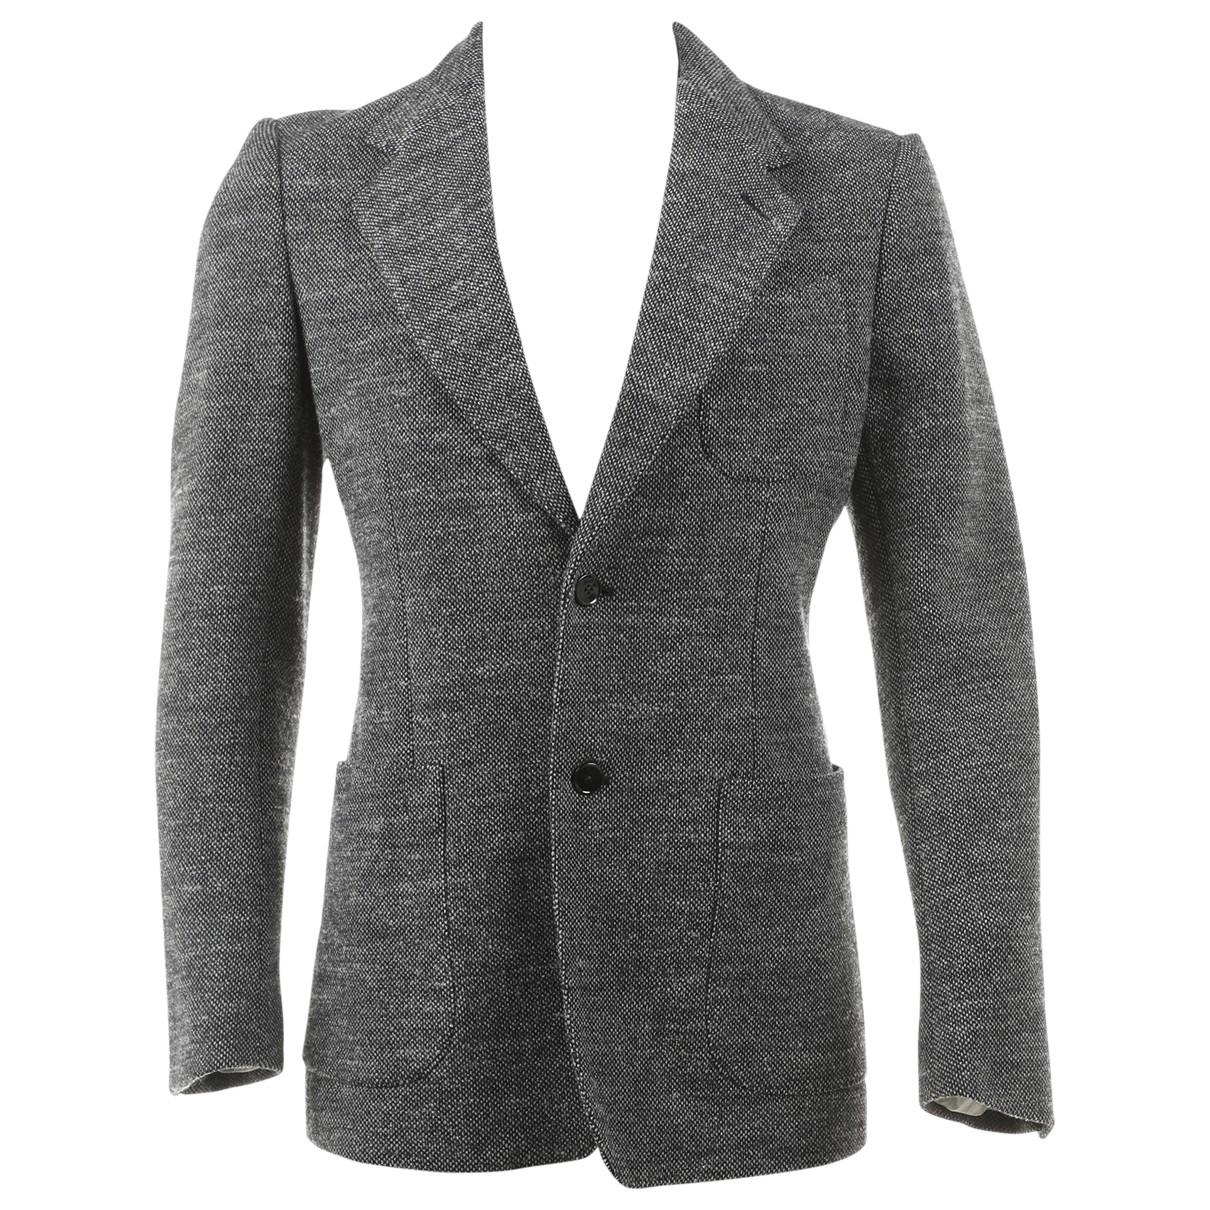 Dolce & Gabbana - Vestes.Blousons   pour homme en laine - gris